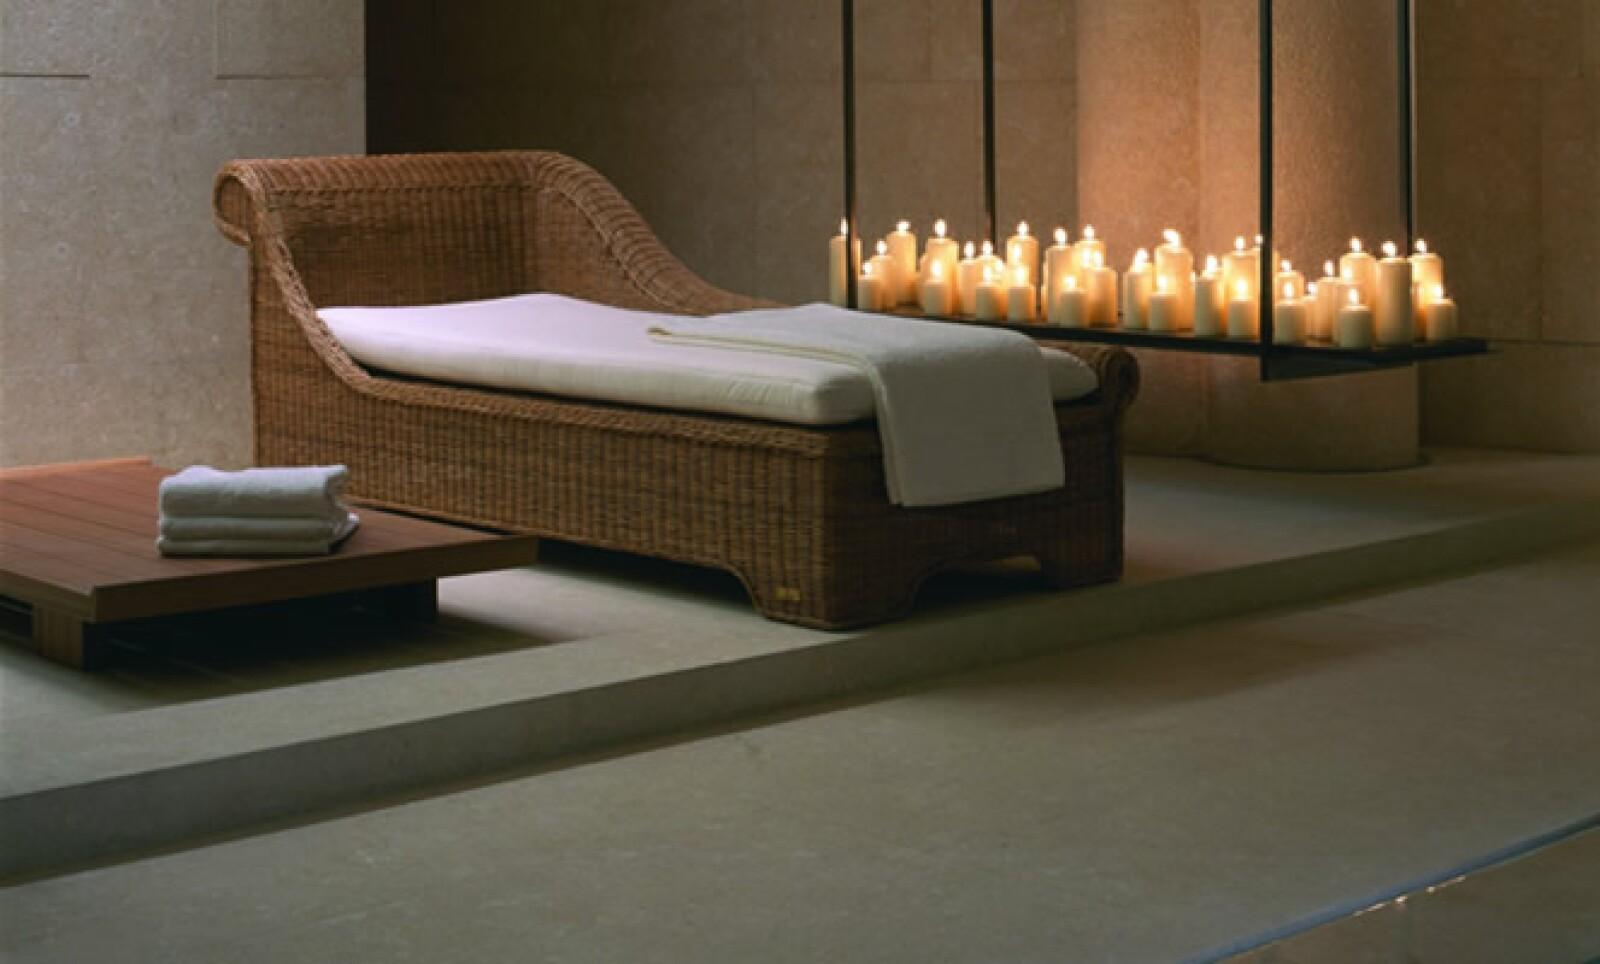 Descansa y relájate con un tratamiento de spa, junto a una alberca con mosaico de oro y esmeralda, el cual tiene mantenimiento cada dos semanas.